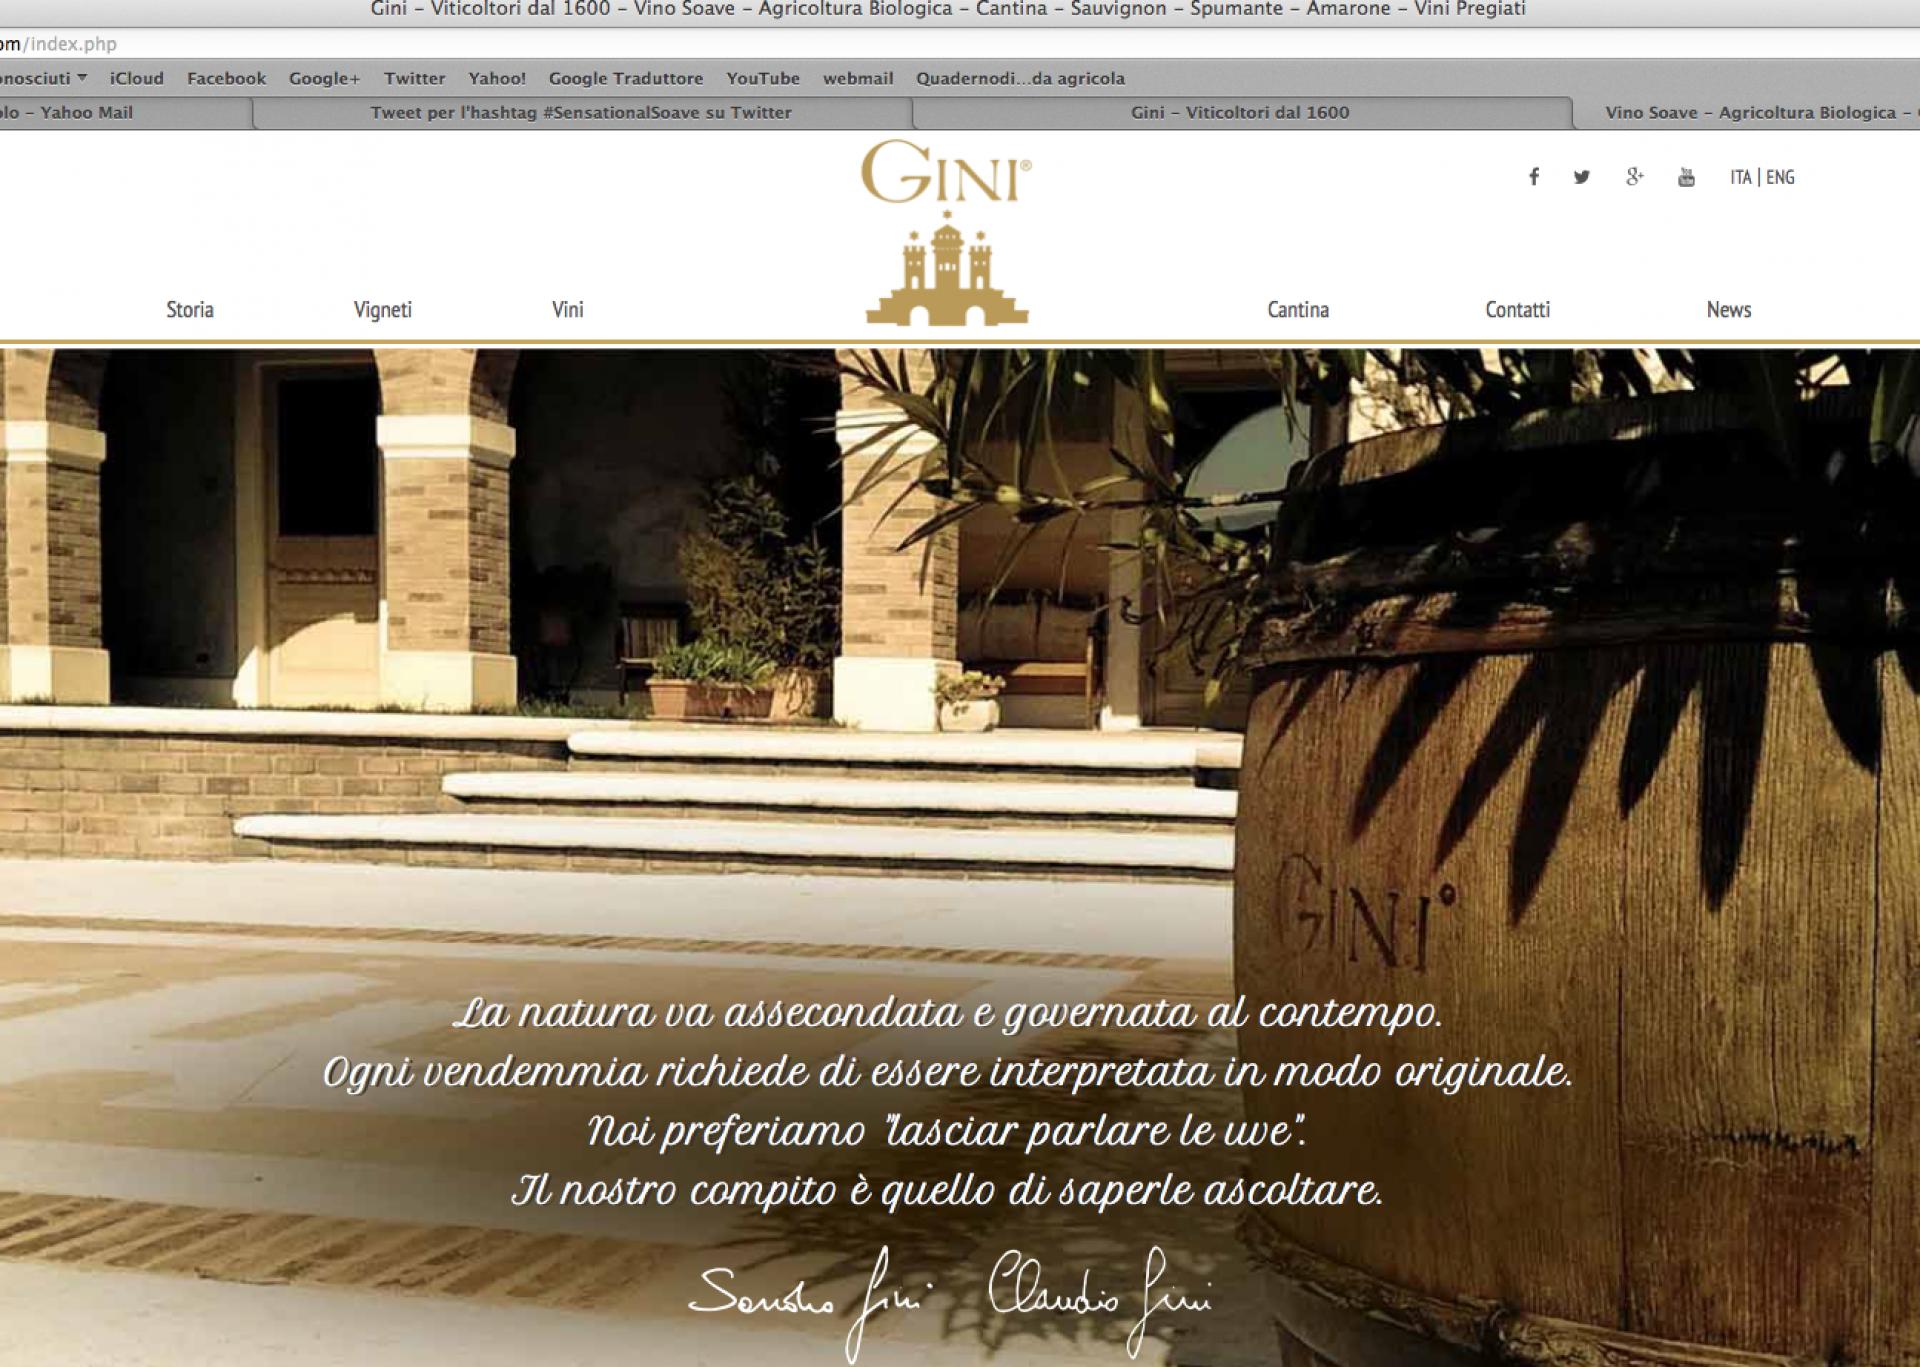 Benvenuto nel nostro nuovo sito web